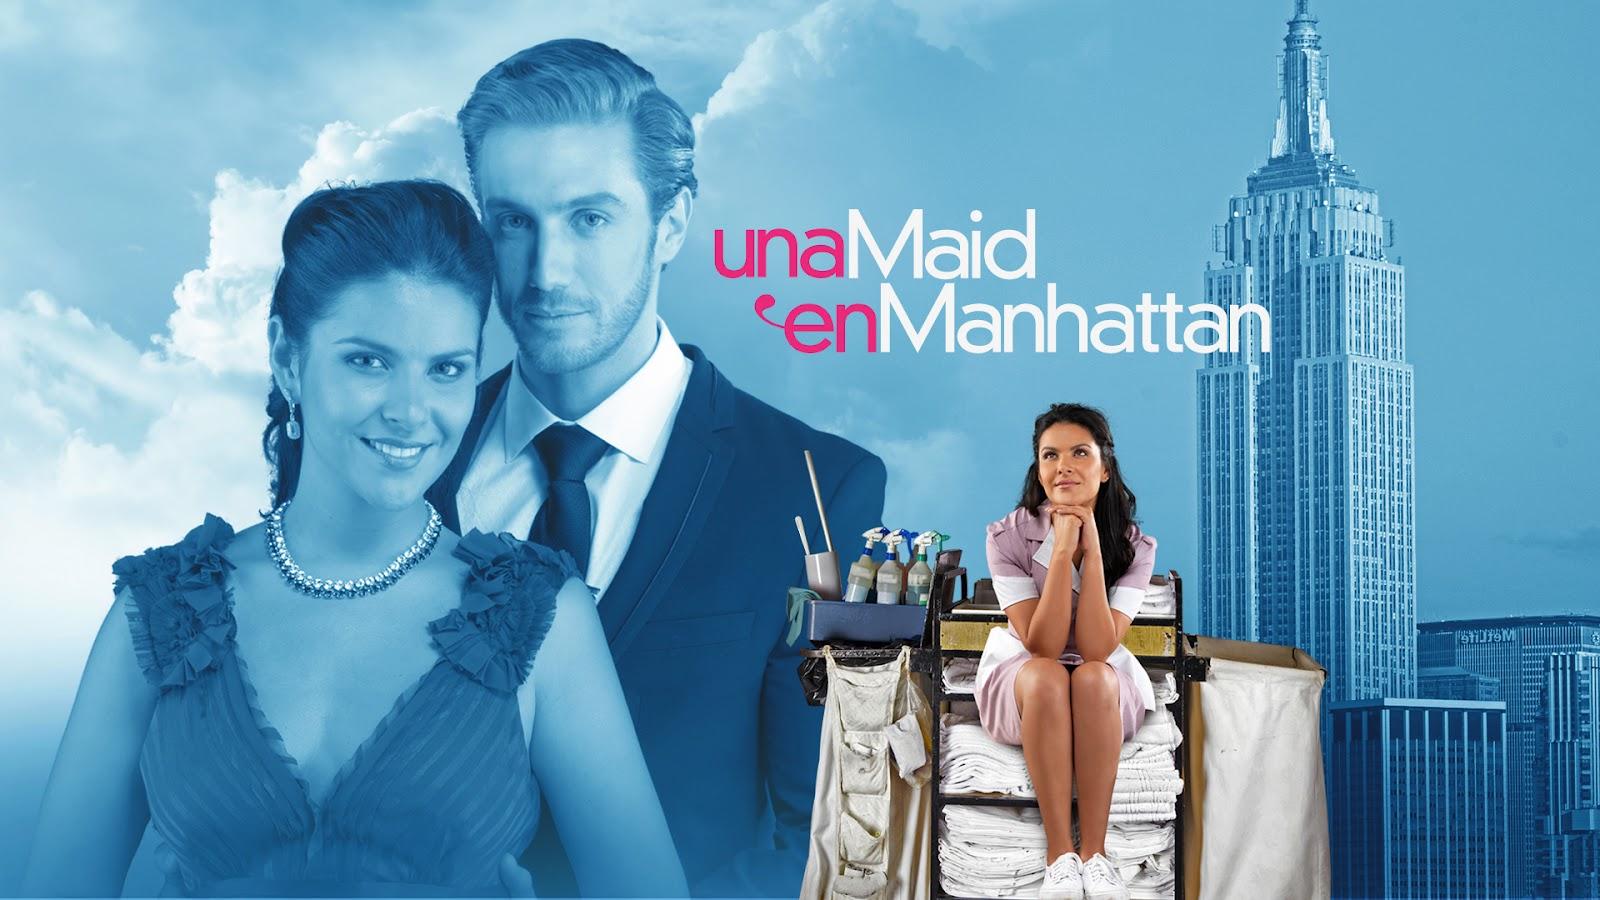 http://4.bp.blogspot.com/-_uy1QkcQb_I/T1b5OOu9FcI/AAAAAAAACVc/57Nvo3JUNKI/s1600/Una+Maid+en+Manhattan+capitulo+72.jpg